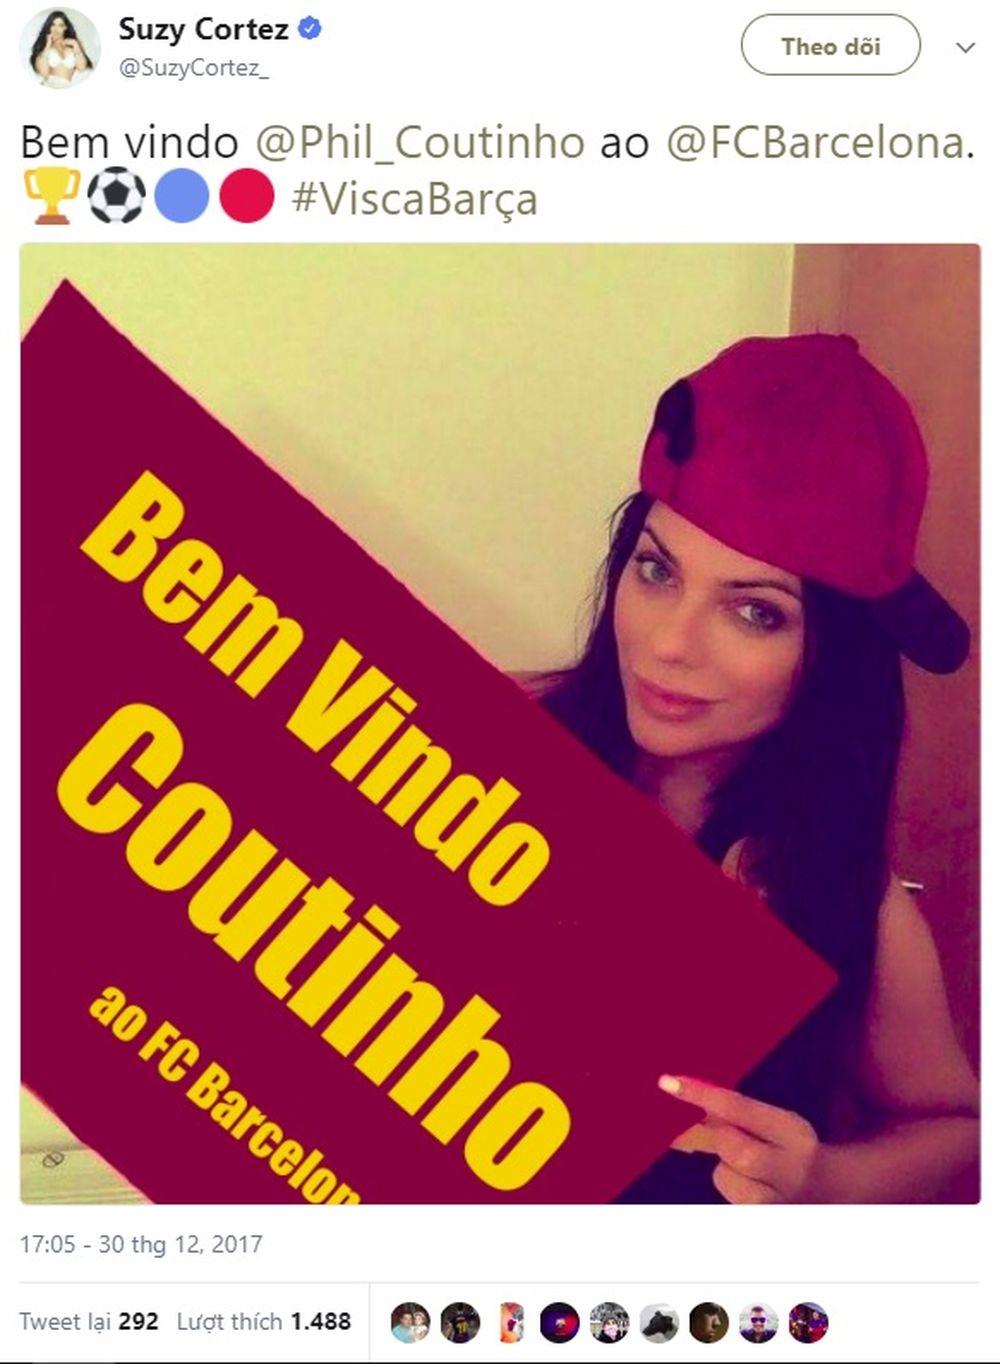 Hoa Hậu Siêu Vòng 3 Khỏa Thân Mời Chào Tân Binh Barcelona đến Brazil